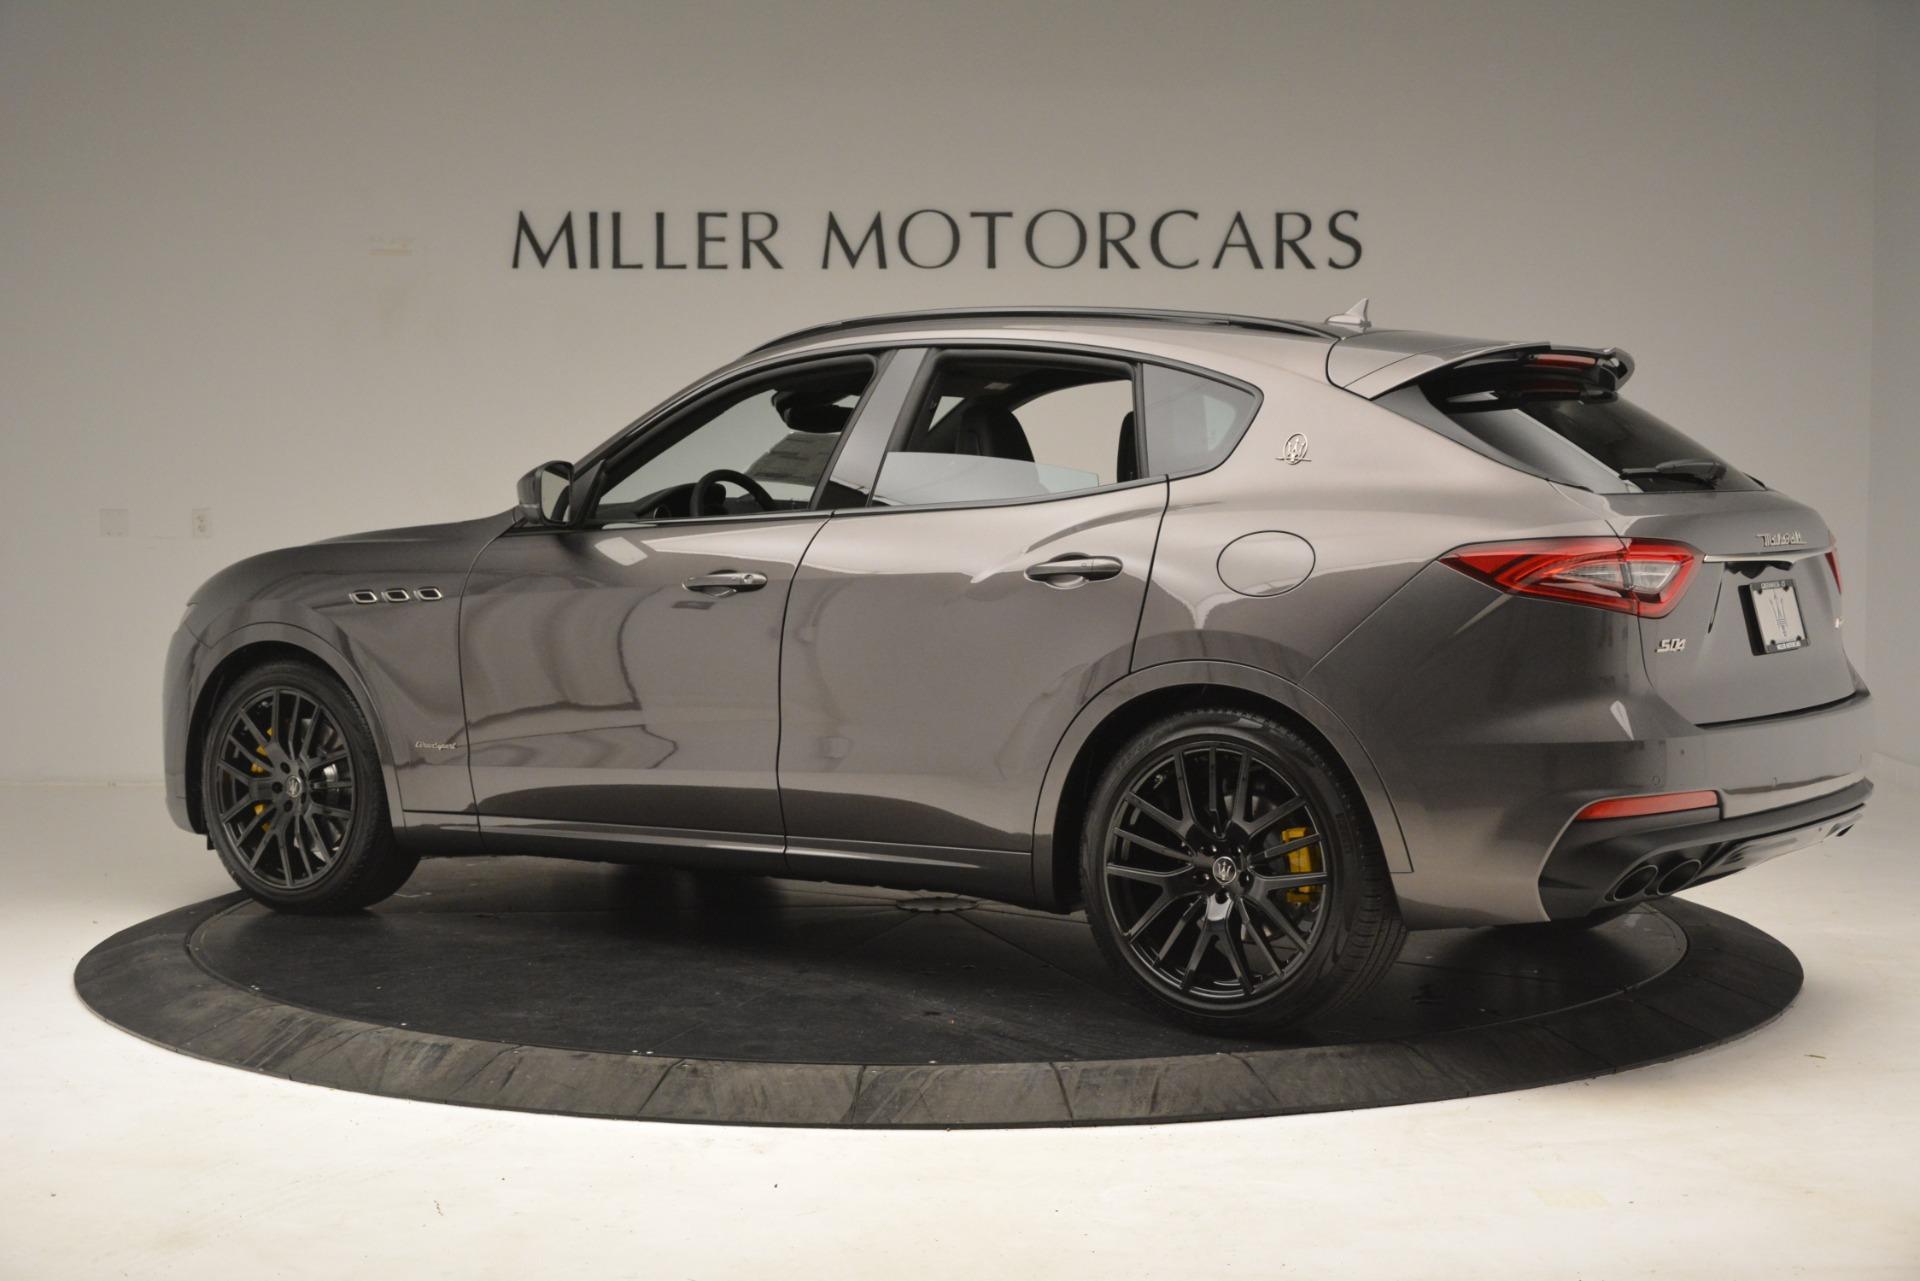 New 2019 Maserati Levante SQ4 GranSport Nerissimo For Sale In Greenwich, CT. Alfa Romeo of Greenwich, M2304 3146_p4